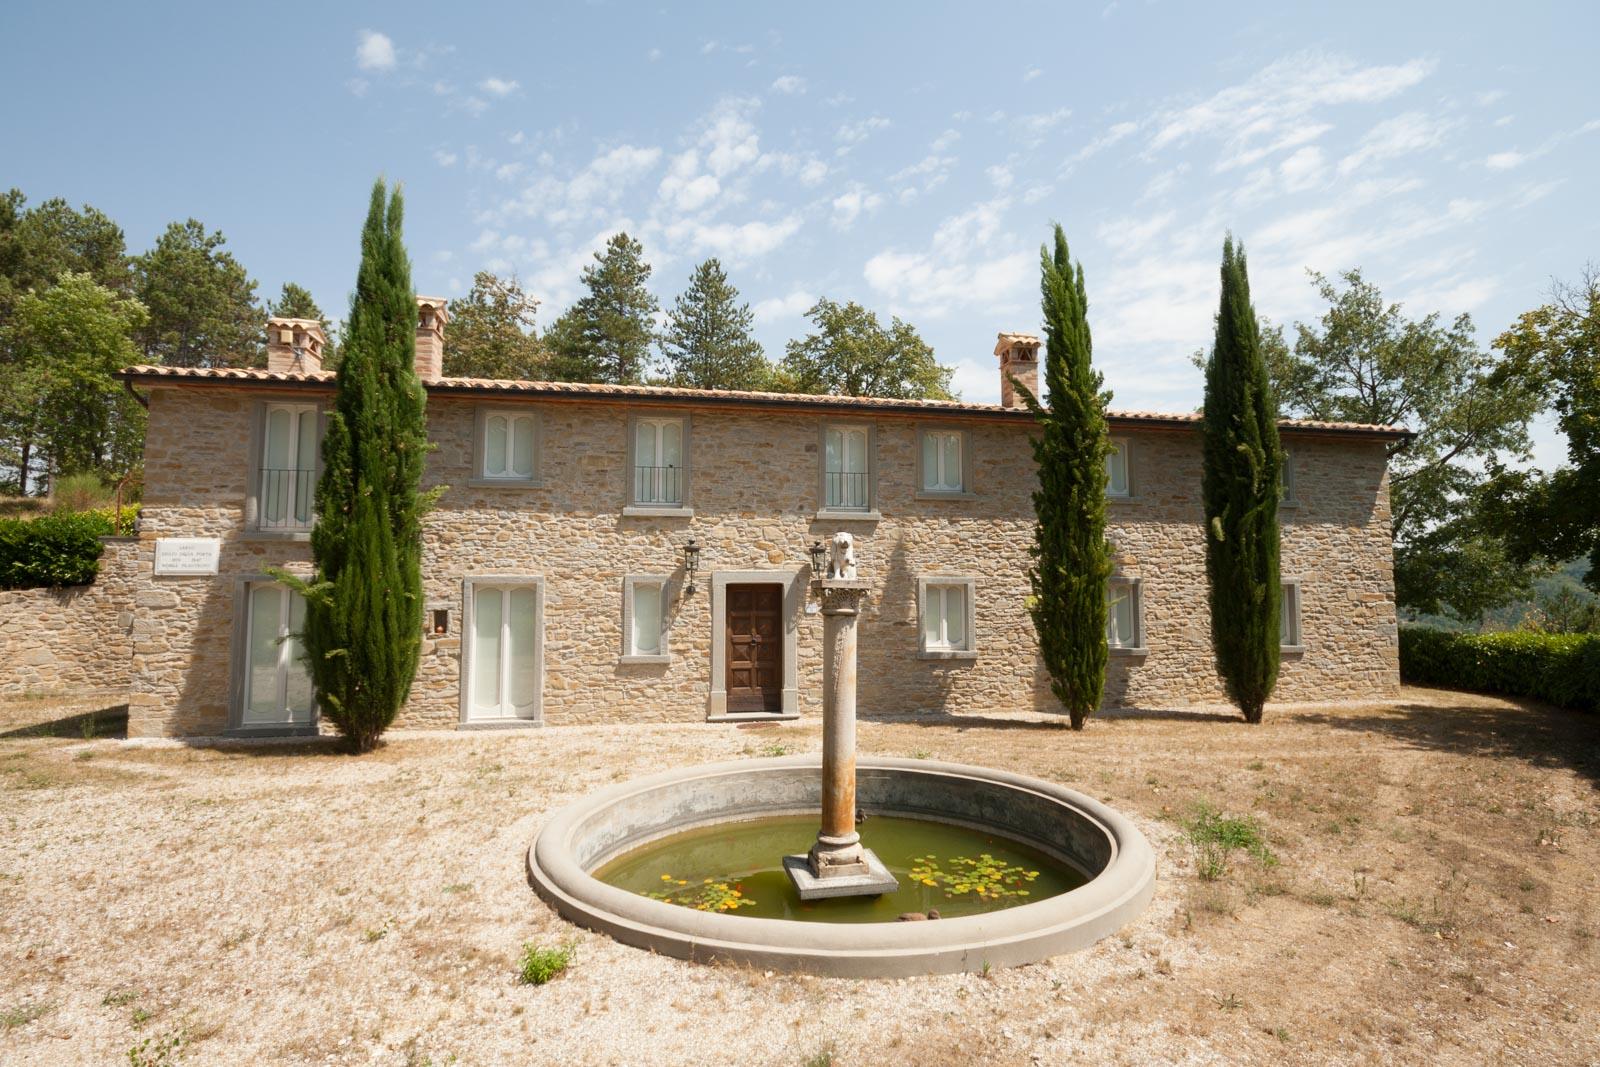 Renommierte Villa mit edlen Materialien und Pool in Hanglage in der Nähe des mittelalterlichen Dorfes Montone